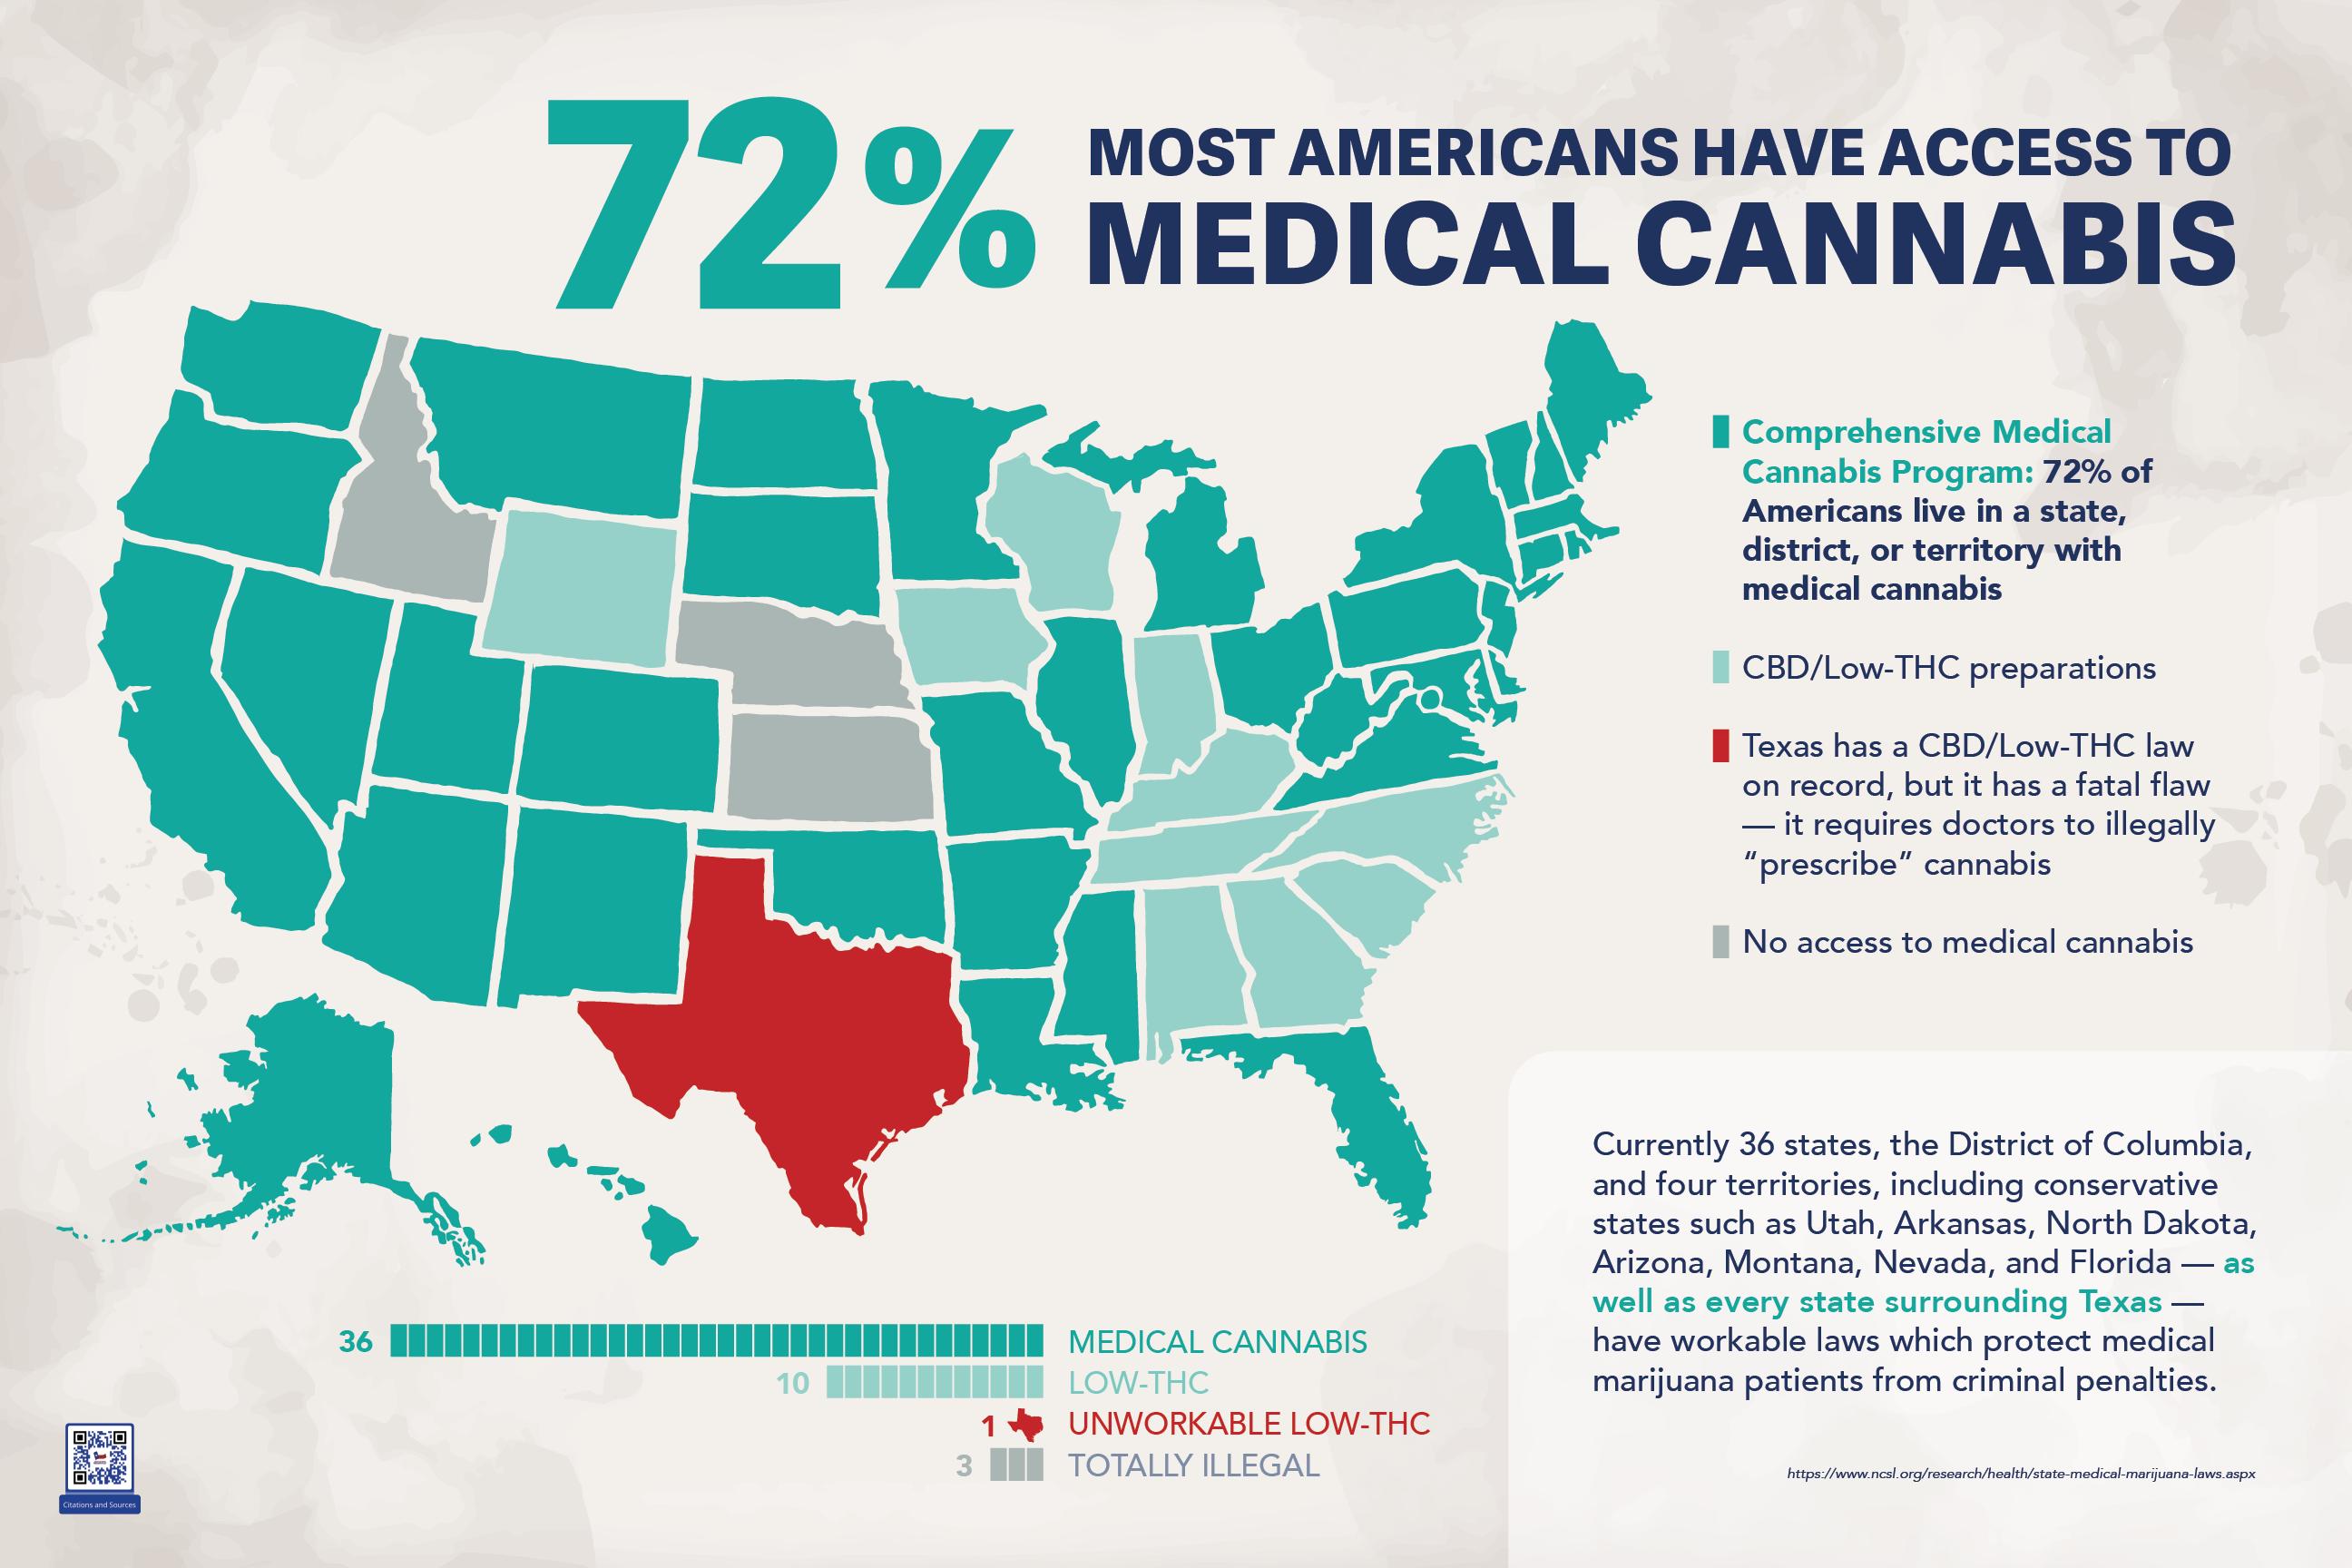 Mmj-us-medical-map